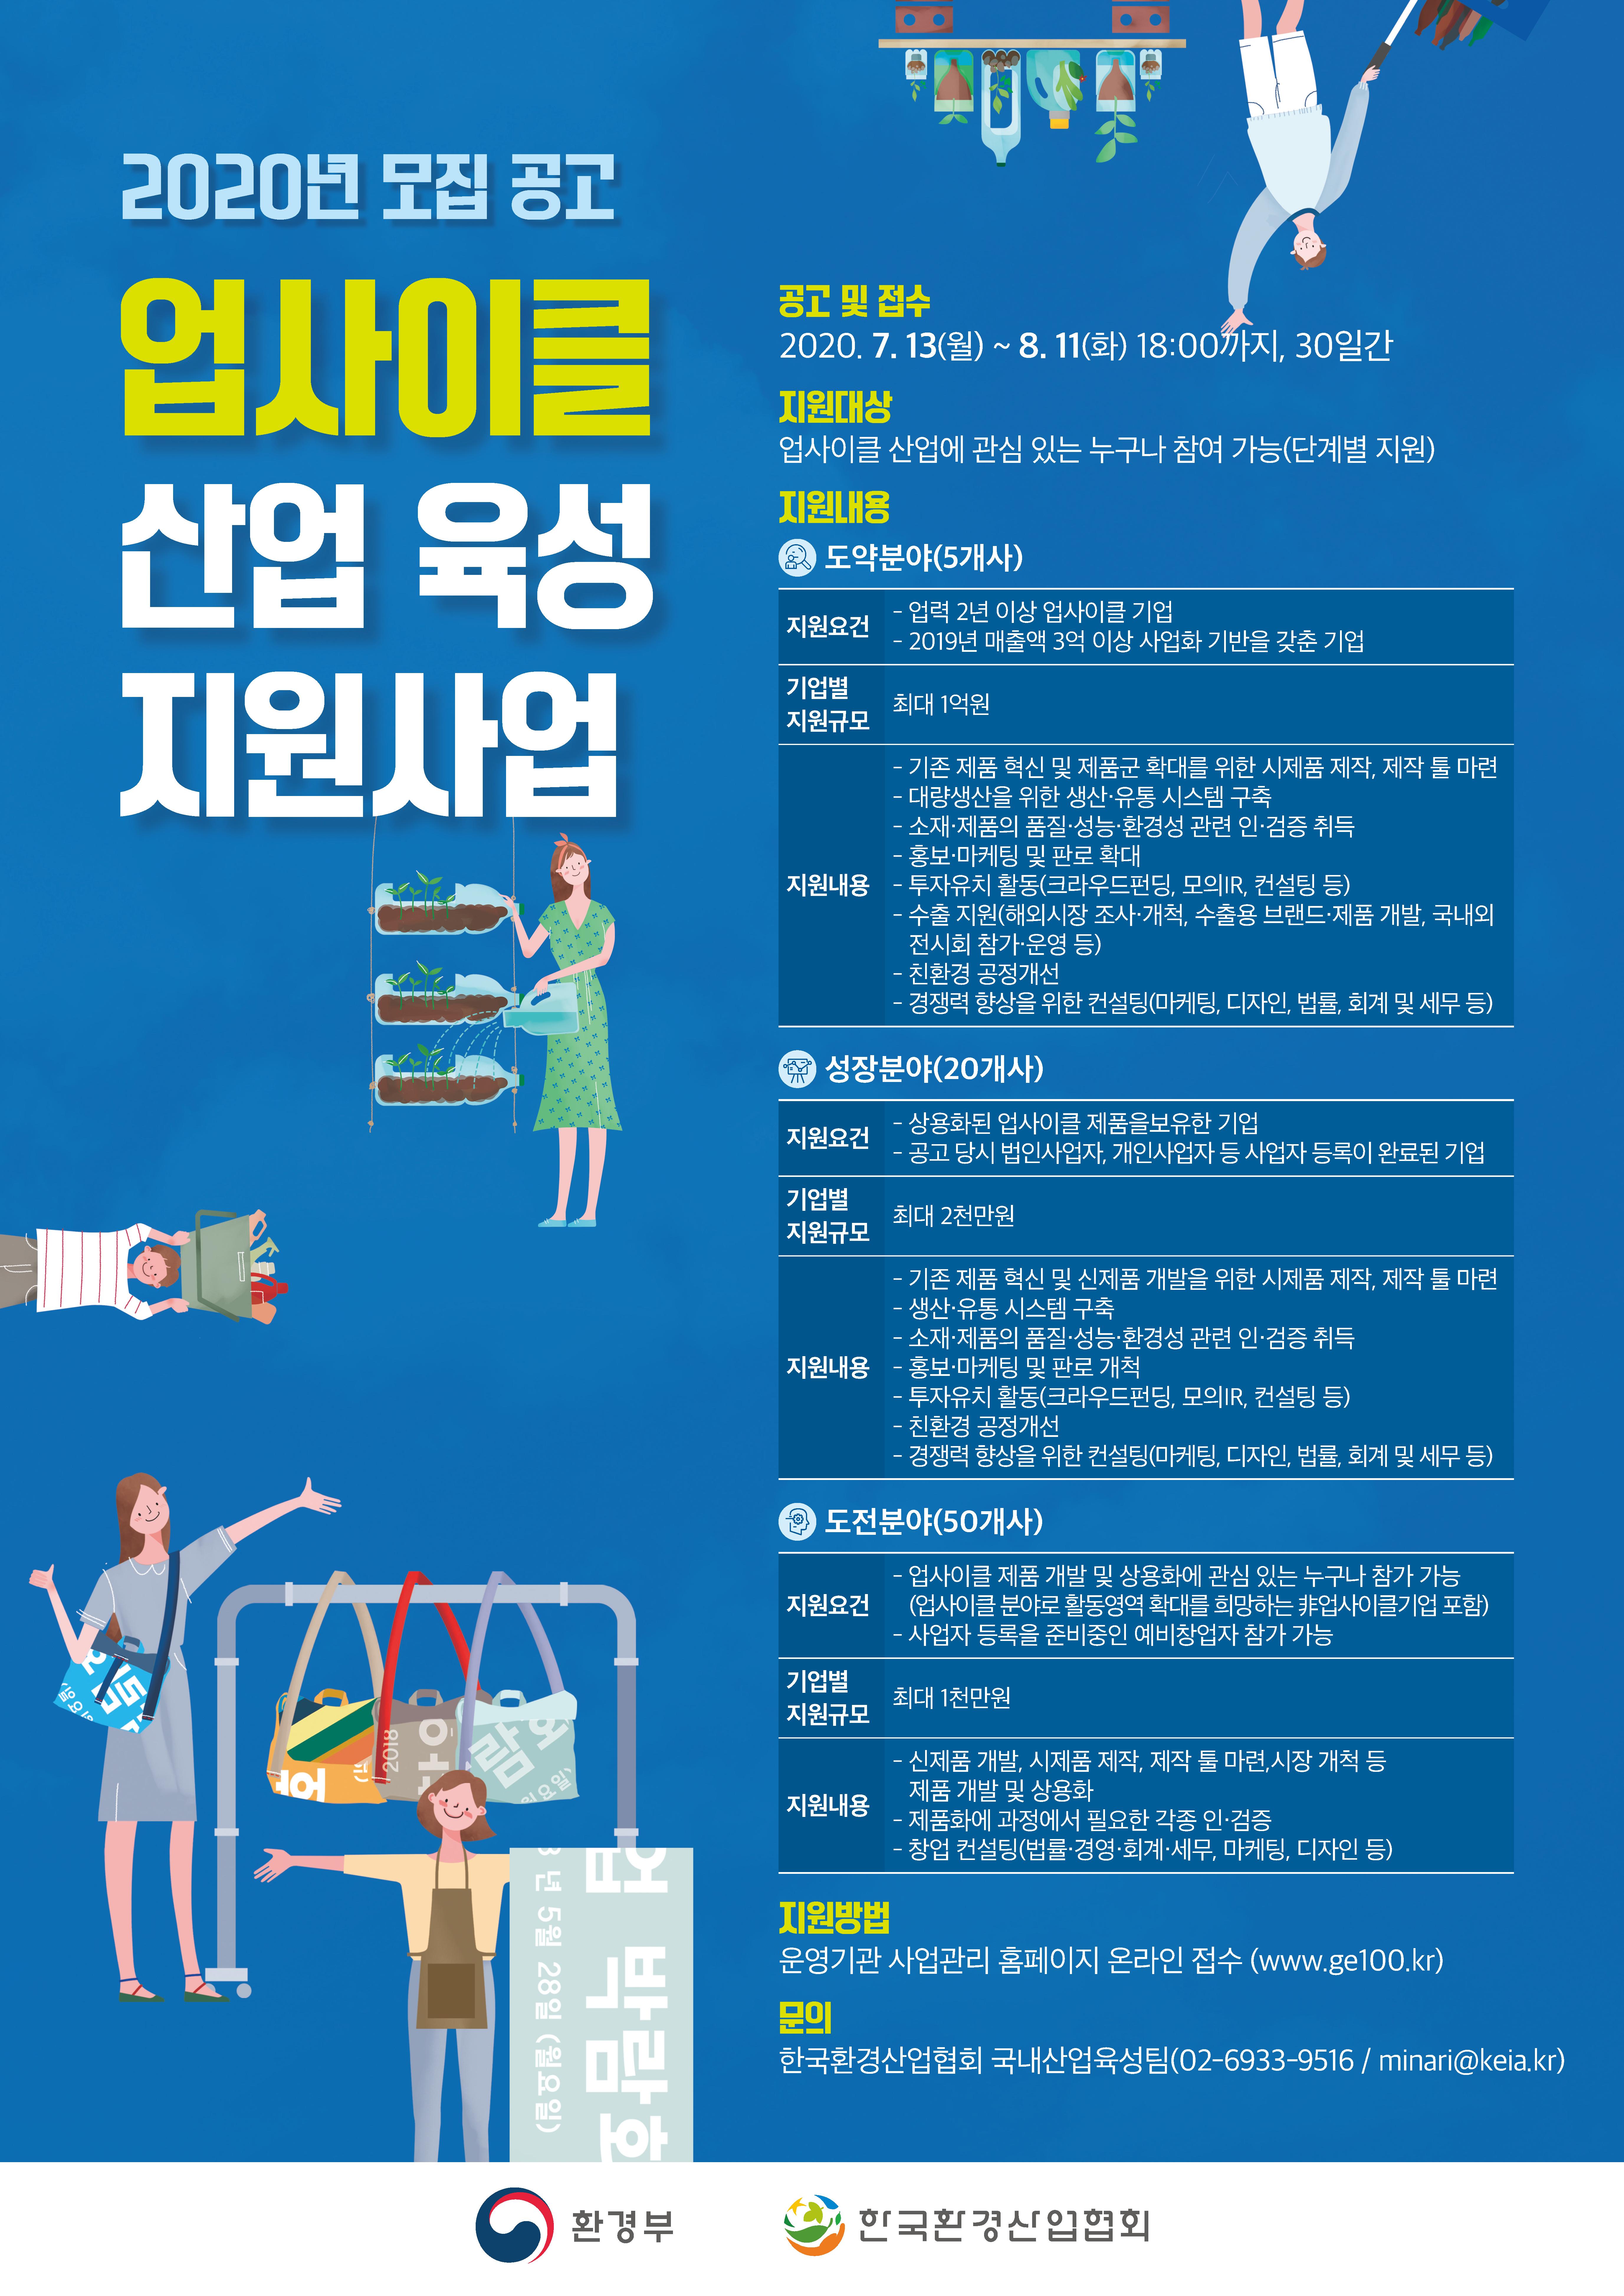 2020년 업사이클 산업 육성 지원사업 참가기업 모집안내 포스터.png